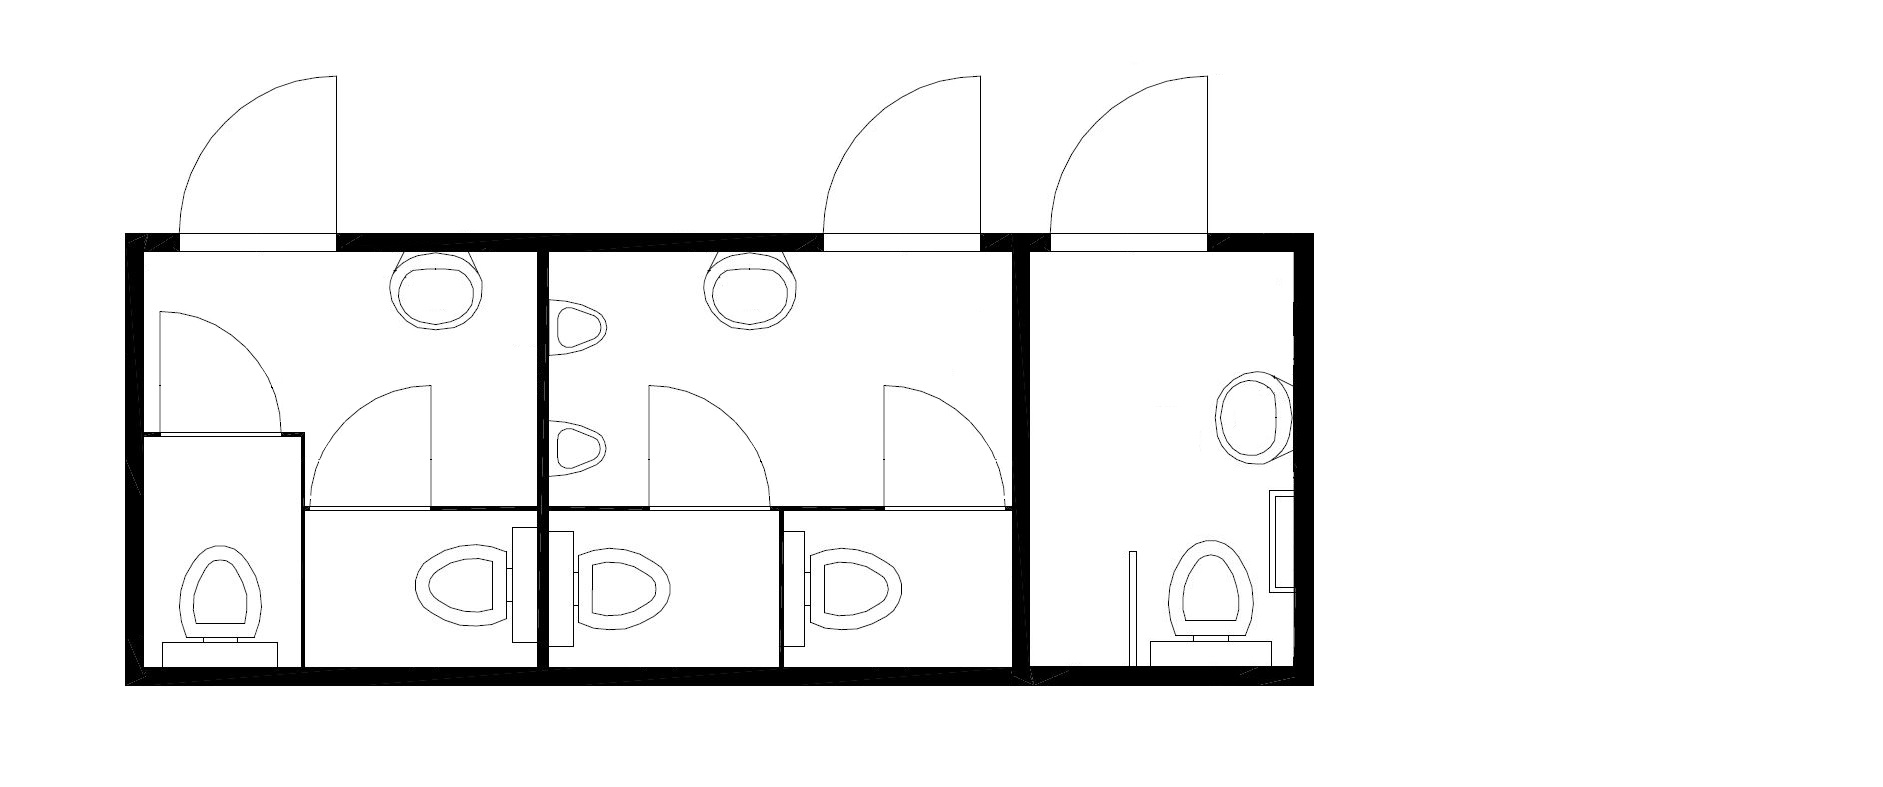 планировка модульного туалета 2м2ж+мгн